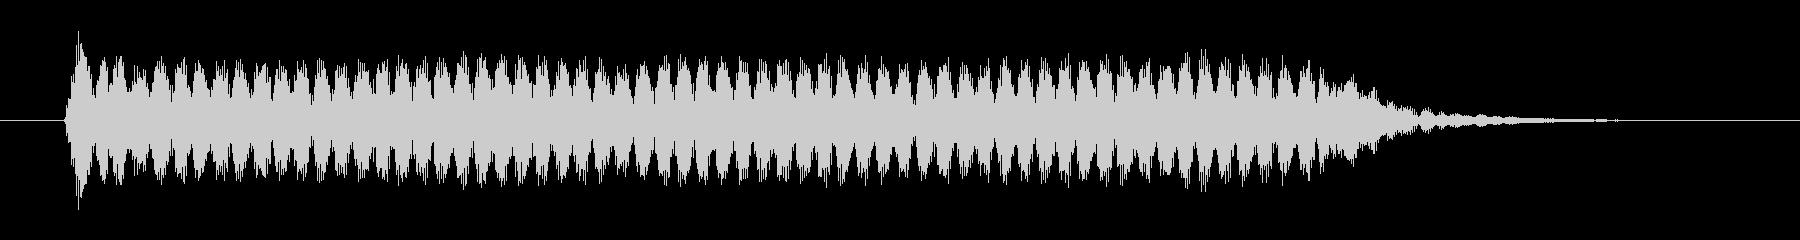 「ファー」という船の汽笛の未再生の波形